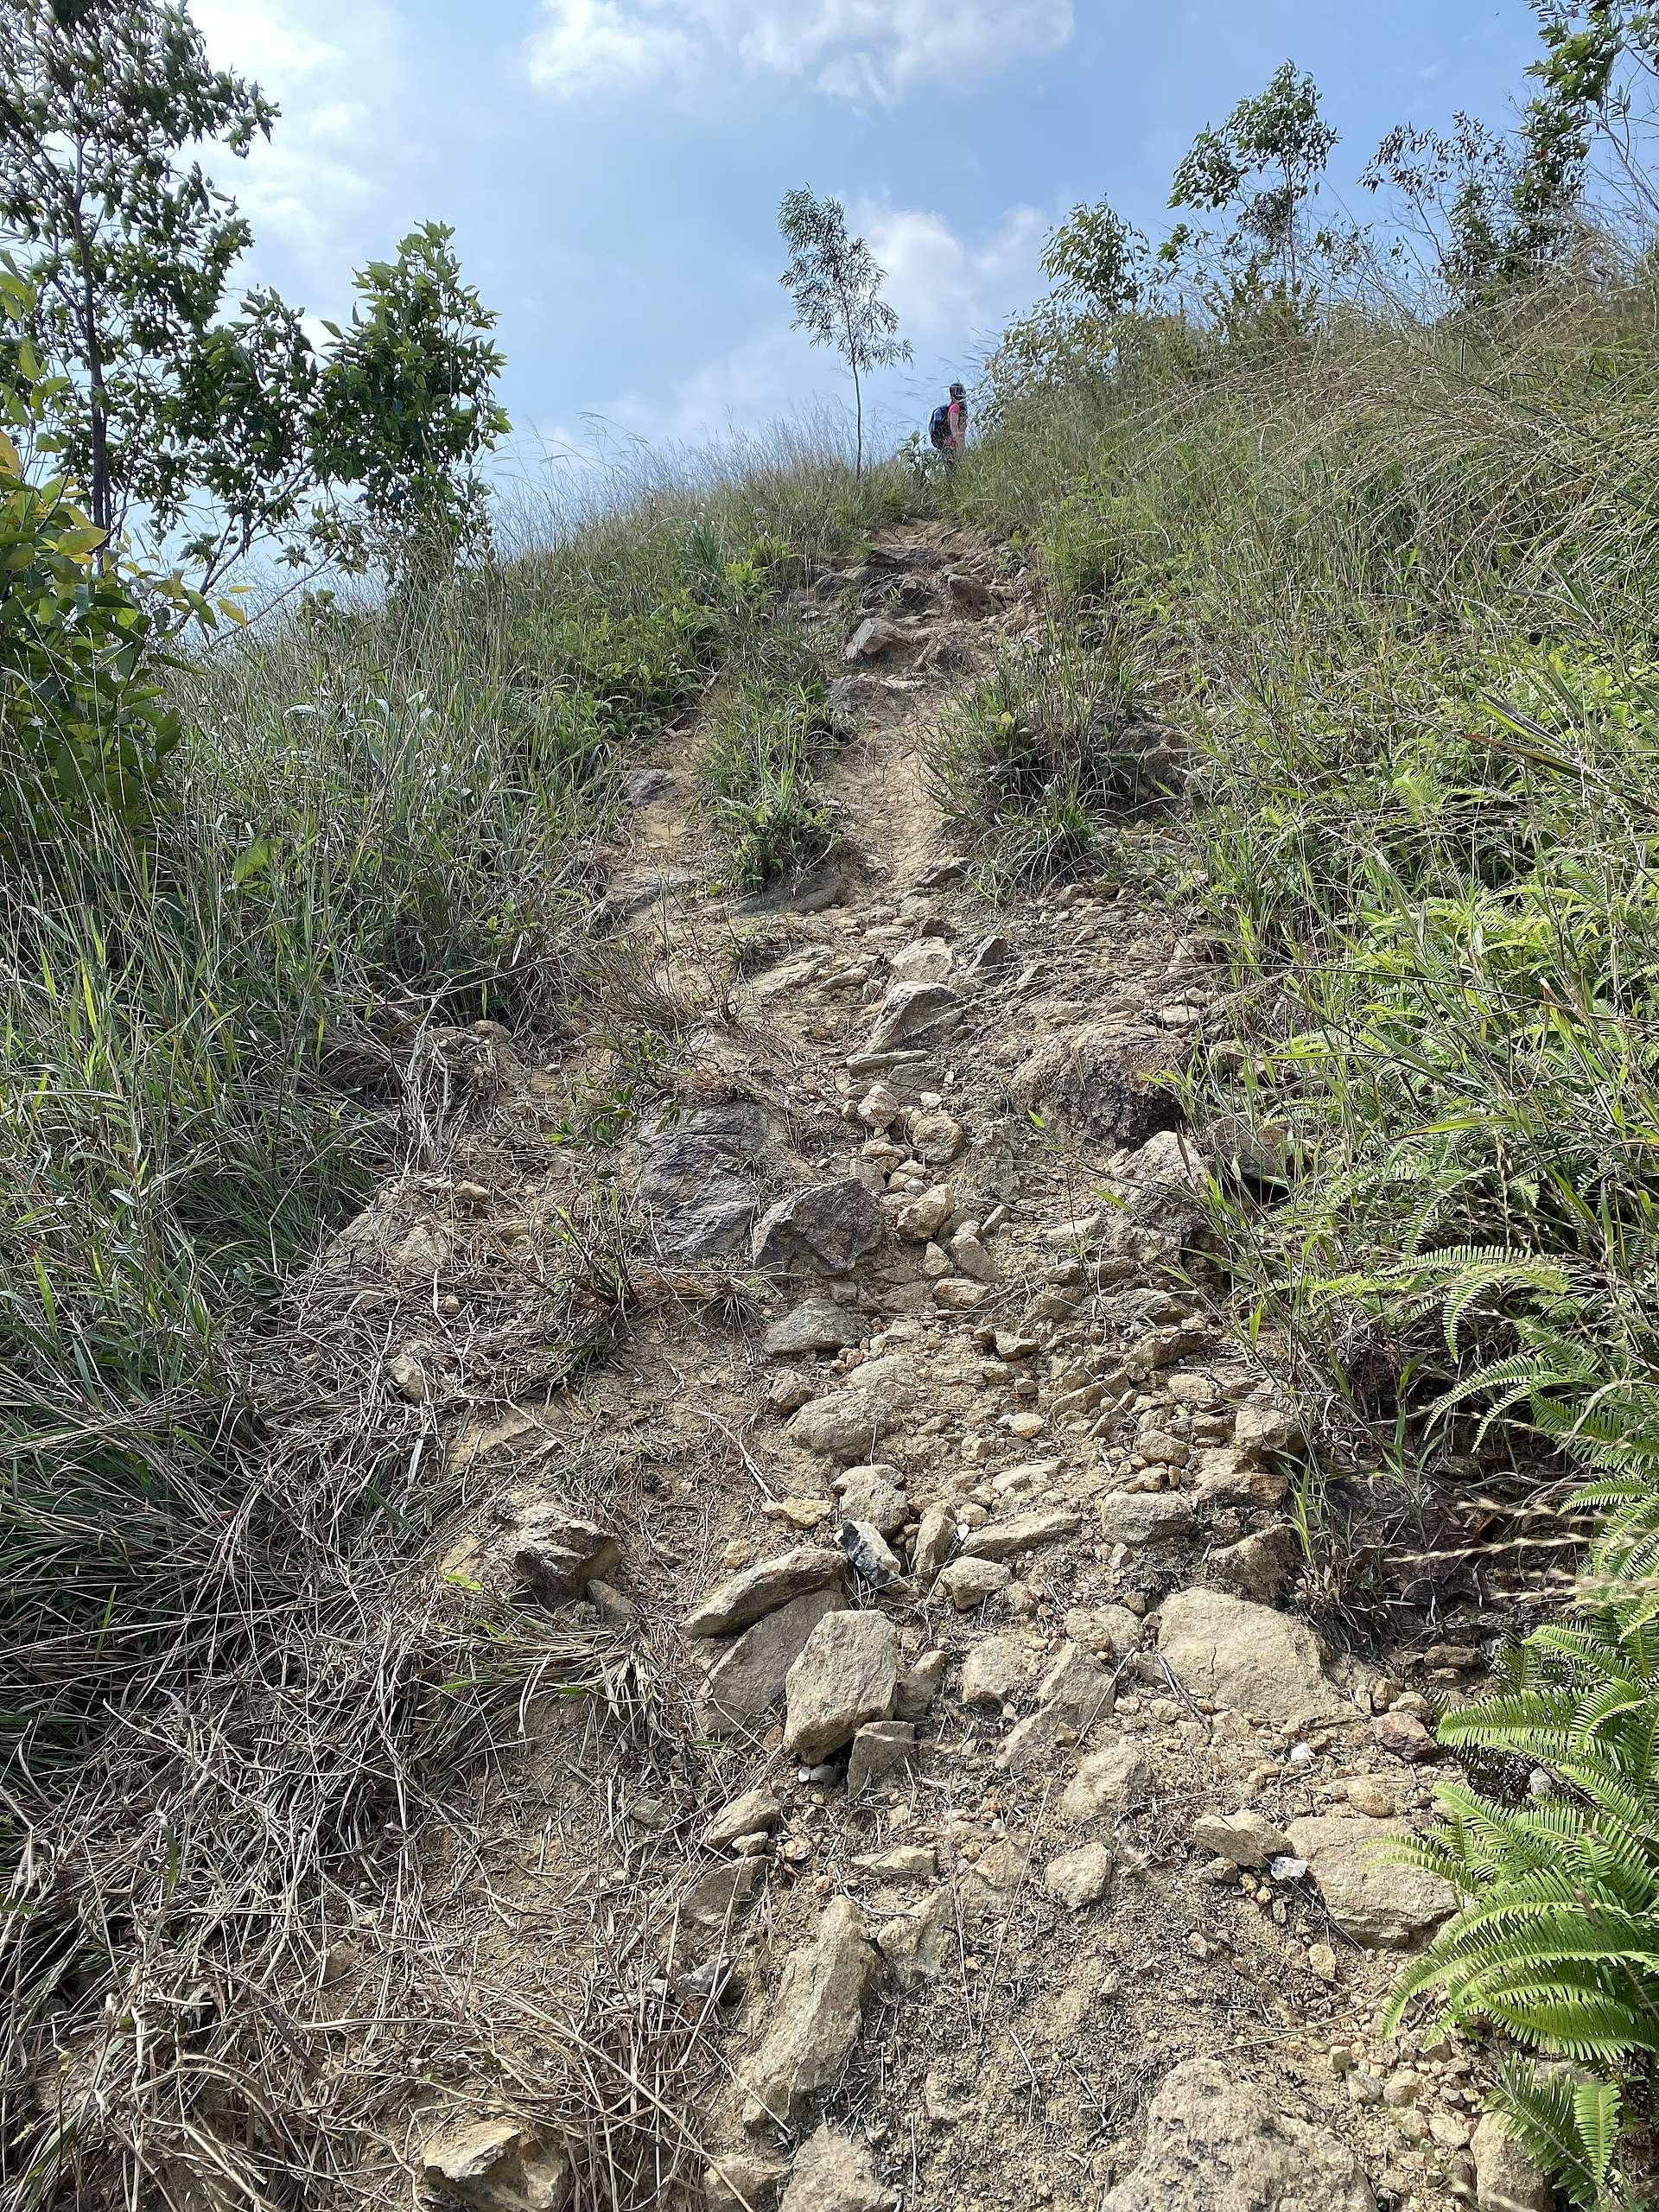 從這邊登山幾乎是一直上坡至山頂,其中一部份斜度約30度,注意如雨後路可能會變成濕滑的泥濘。© 香港山女